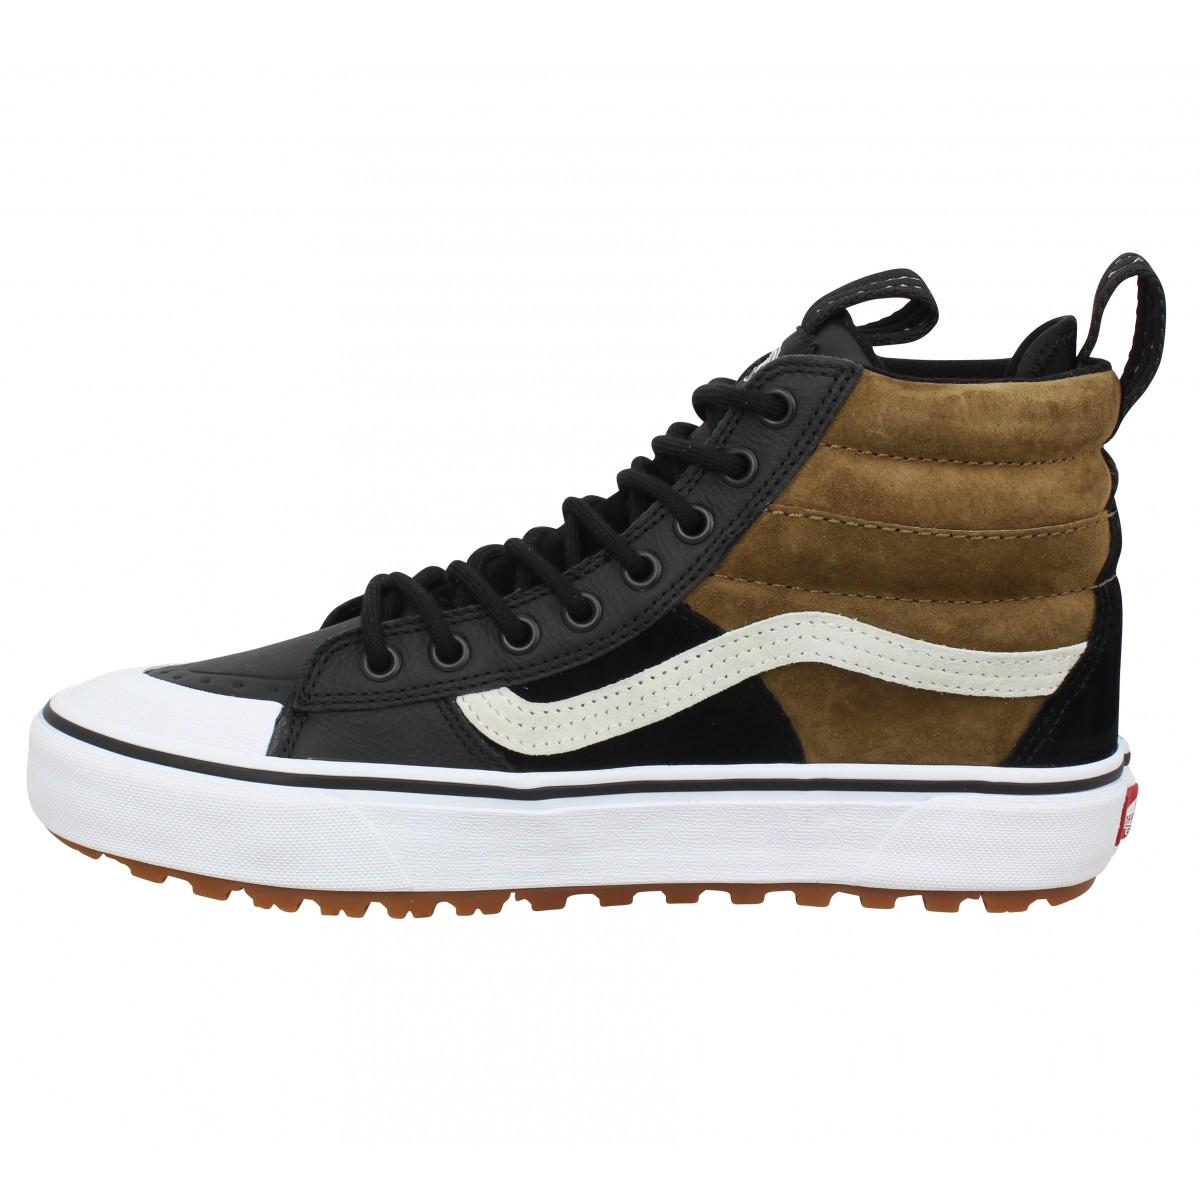 vans sk8 hi mte 2 0 dx cuir homme noir dirt homme fanny chaussures vans sk8 hi mte 2 0 dx cuir homme noir dirt